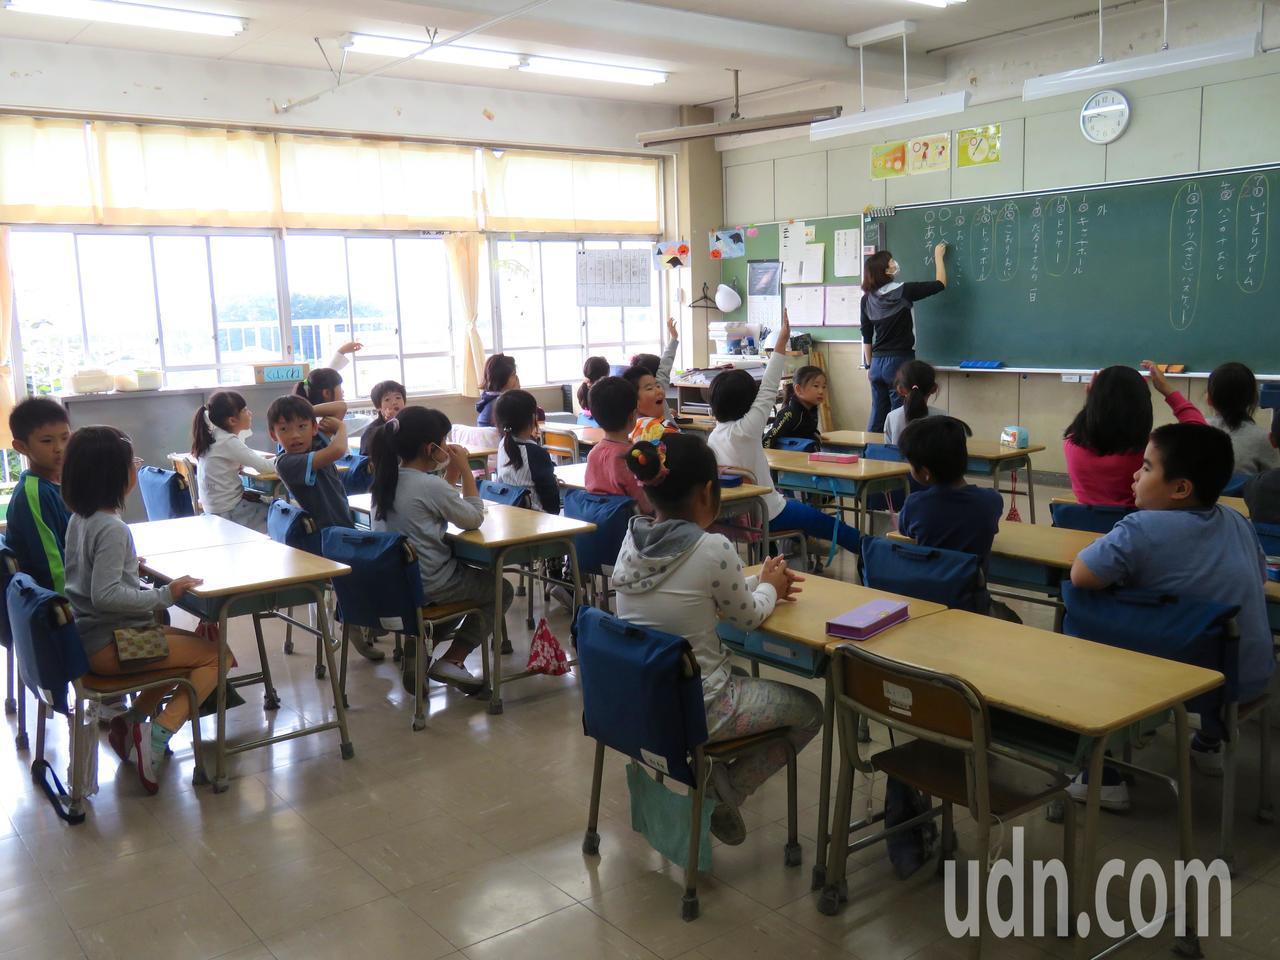 千禧之愛基金會援引日本厚生省統計指出,日本11歲至13歲男童身高比我國男童略高。...